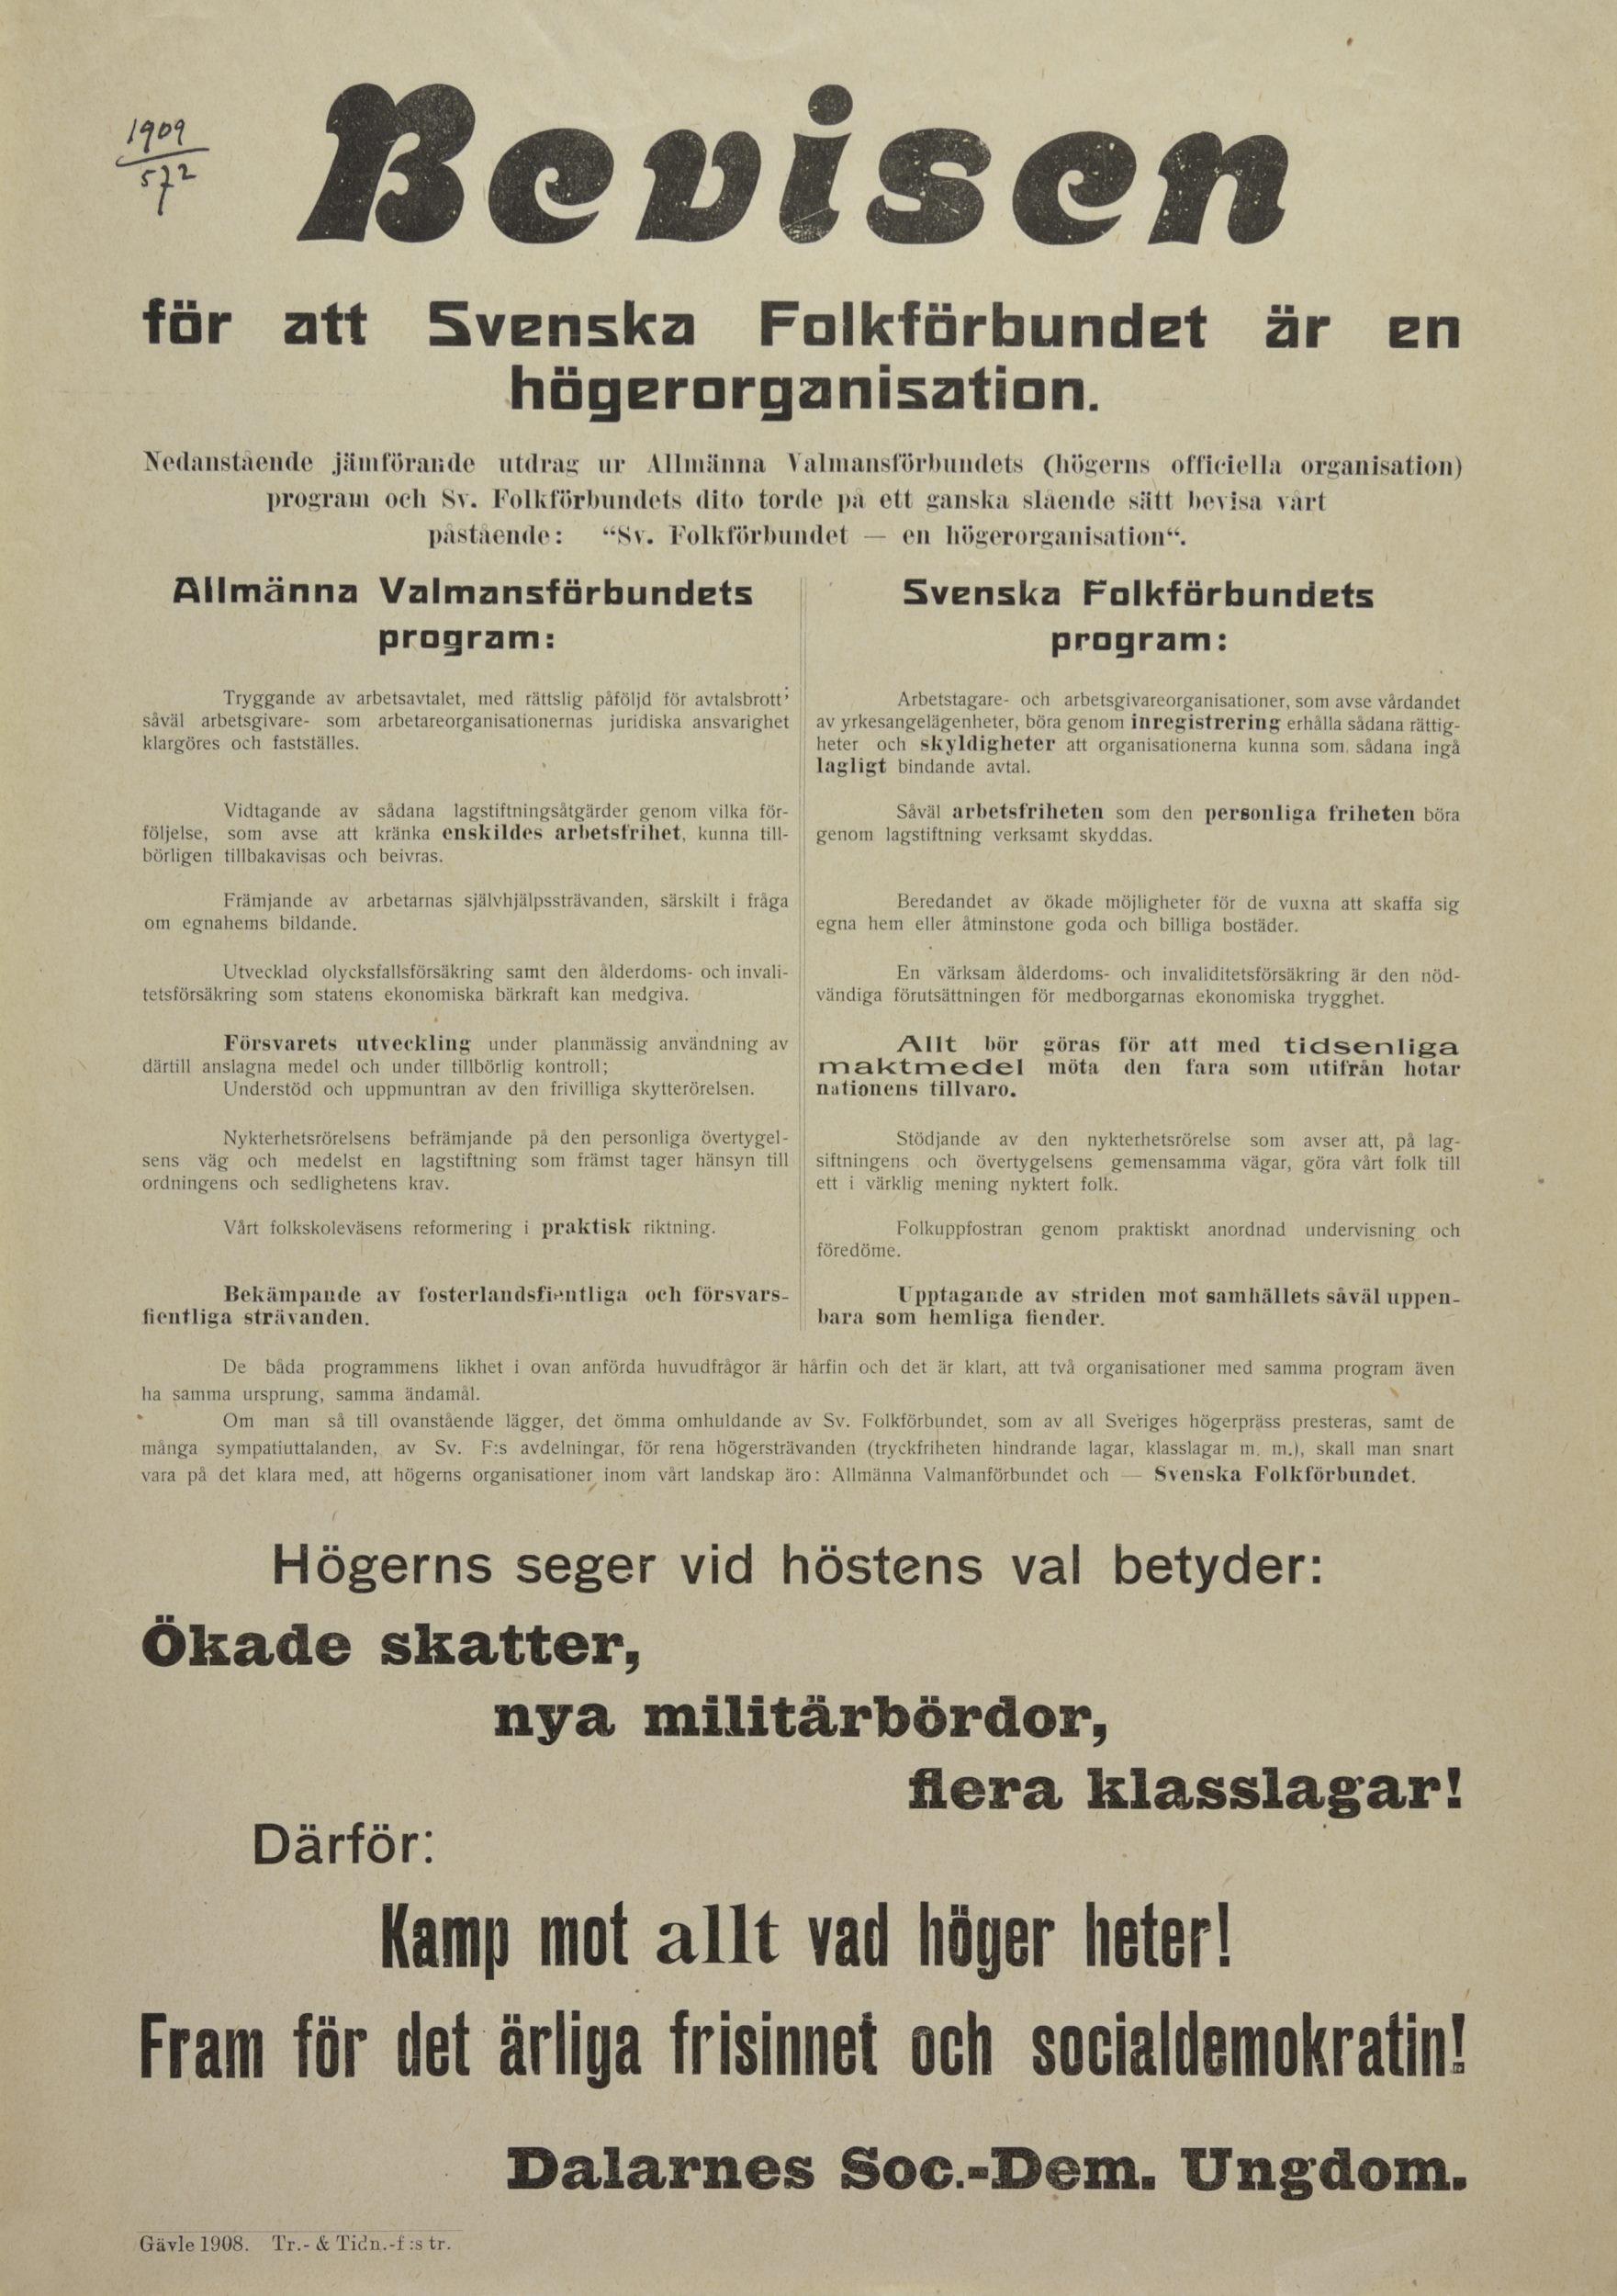 Dalarnas Socialdemokratiska ungdomsförbunds valaffisch